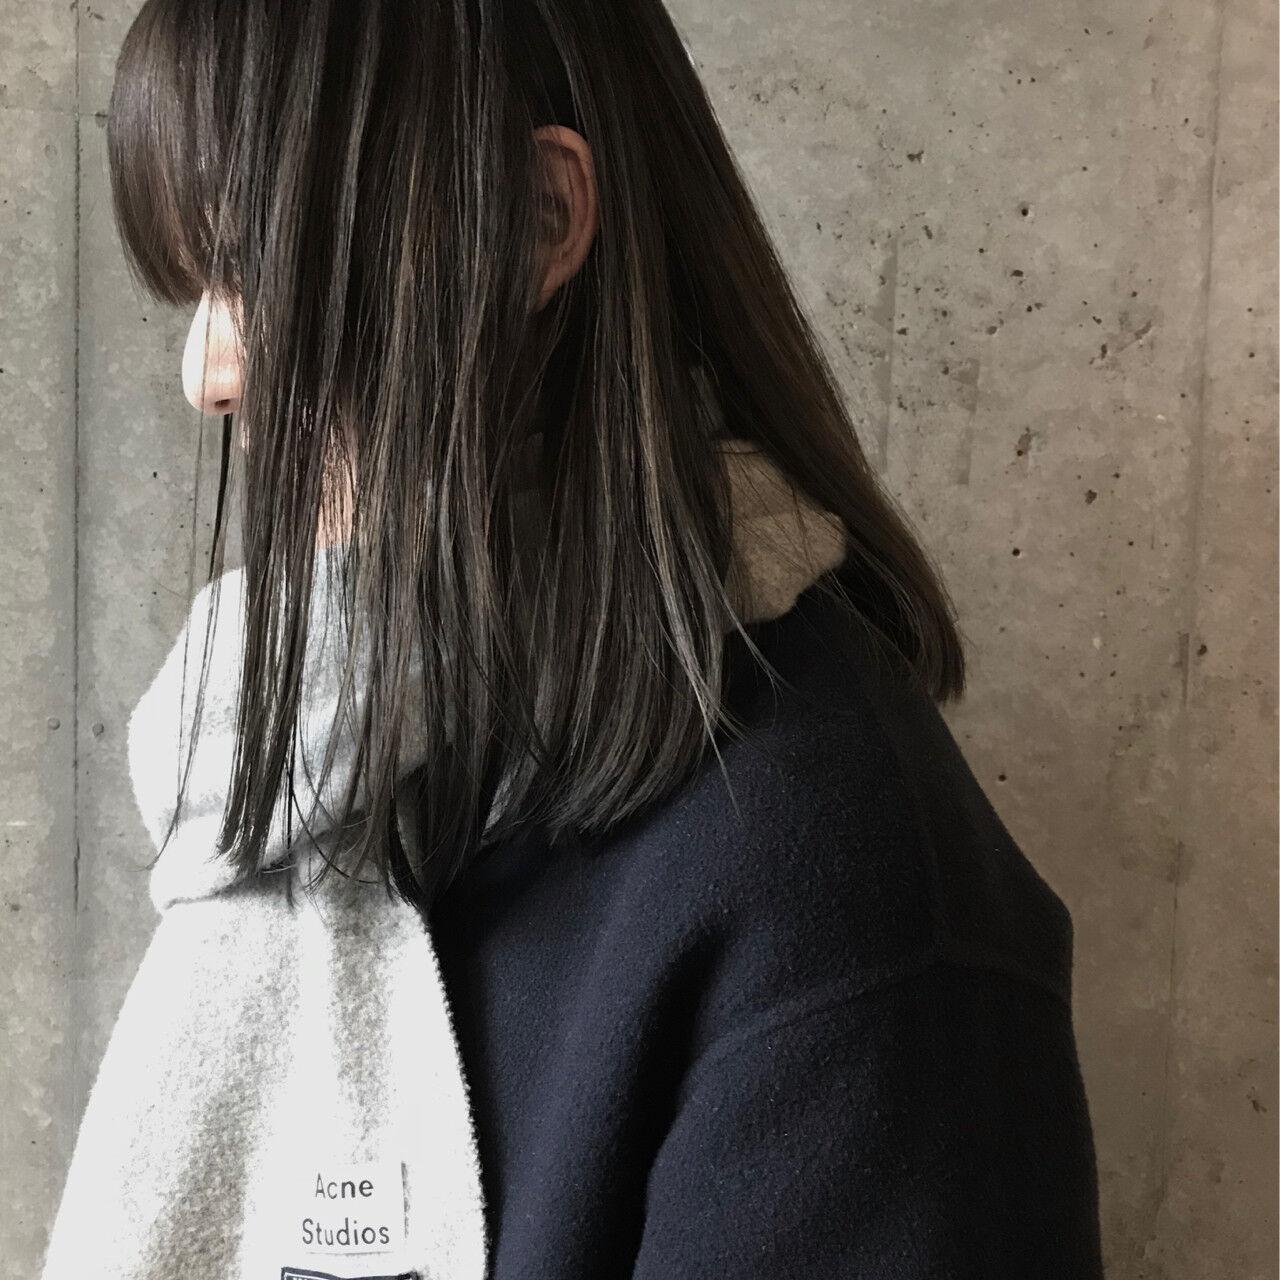 ナチュラル ハイライト 大人ハイライト グレージュヘアスタイルや髪型の写真・画像